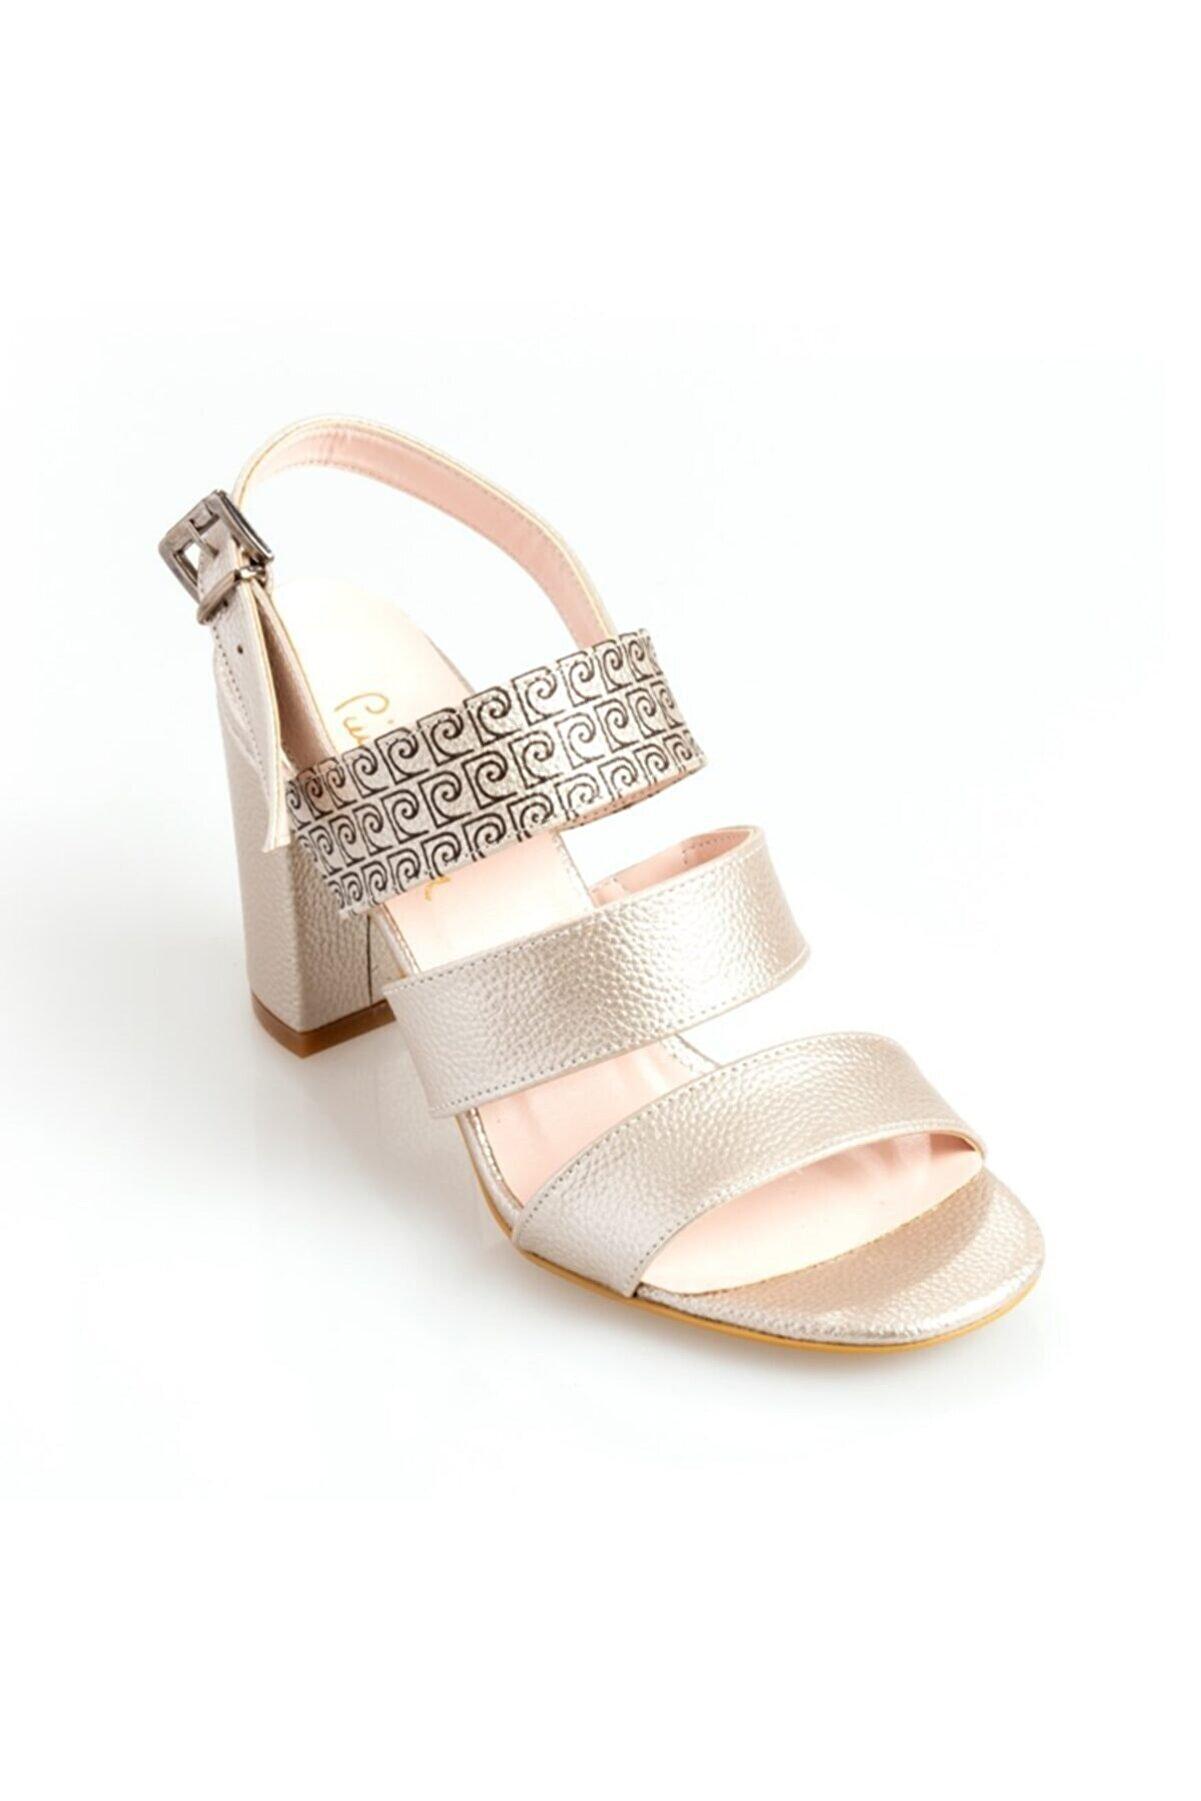 Pierre Cardin Pıerre Cardın 54017 Kadın Klasik Ayakkabı Altın